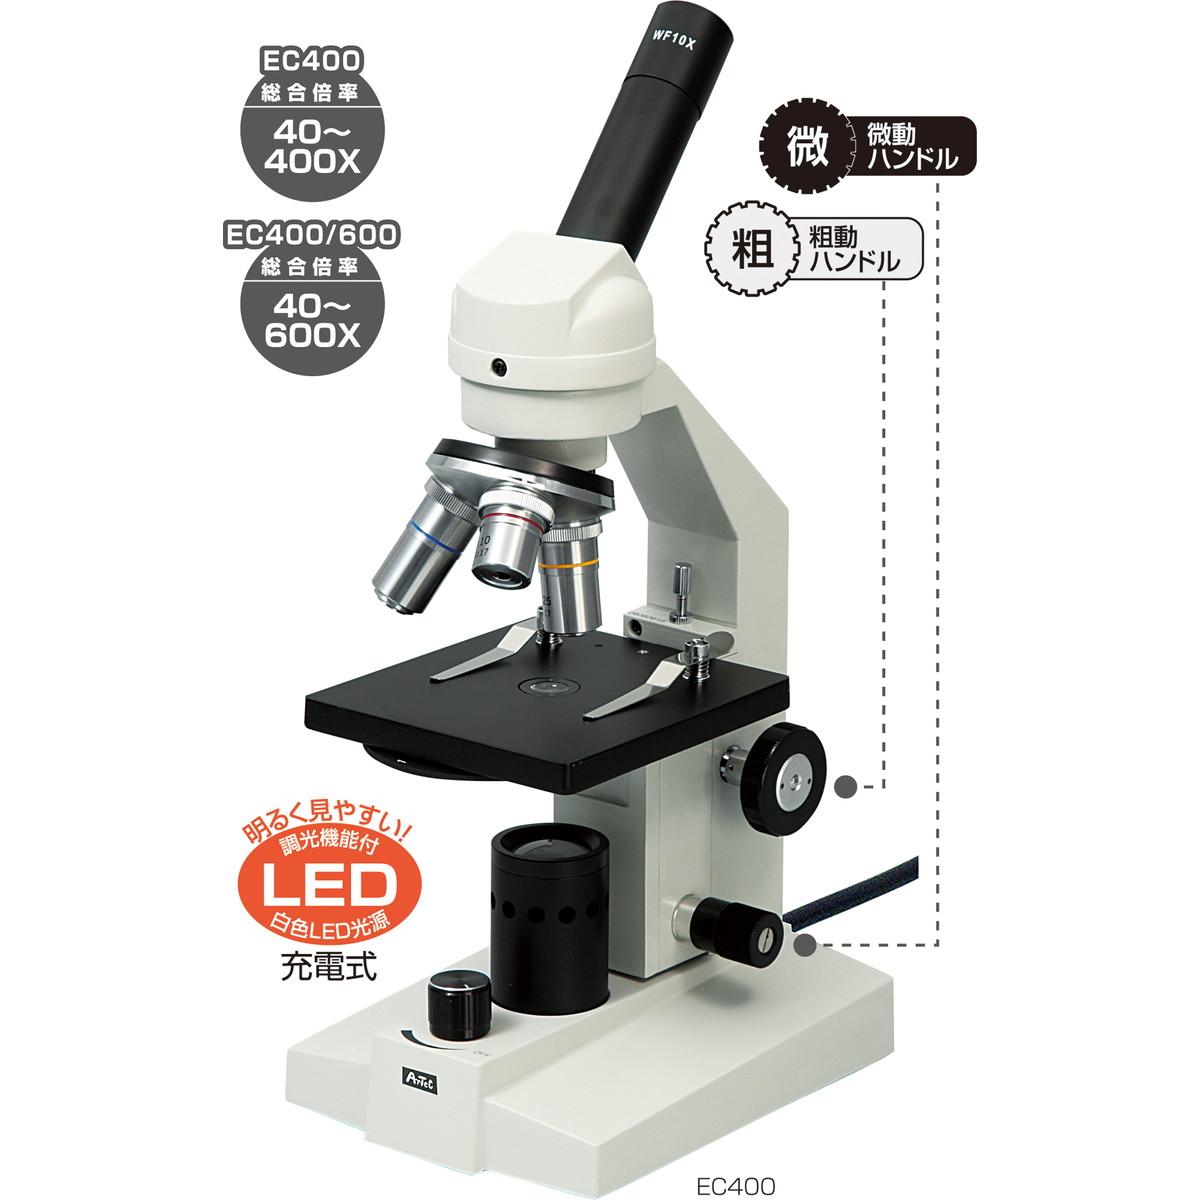 Artec(アーテック) 生物顕微鏡EC400 #9974【送料無料】